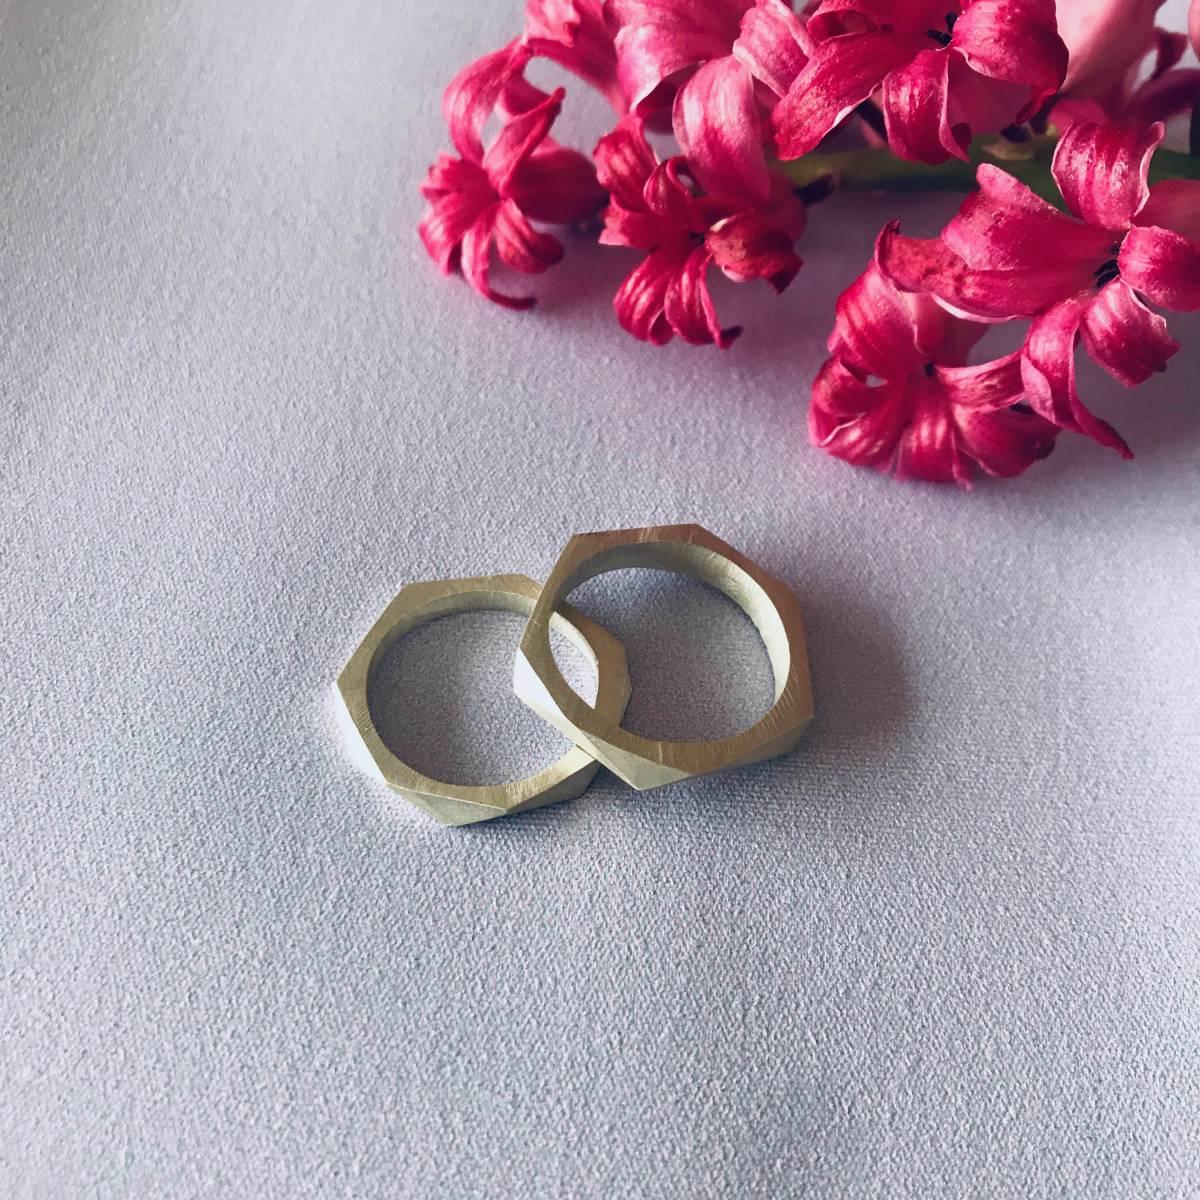 MMAAK - Bruidsjuwelen - Fotograaf Marlies Martens (zelf) - House of Weddings 23